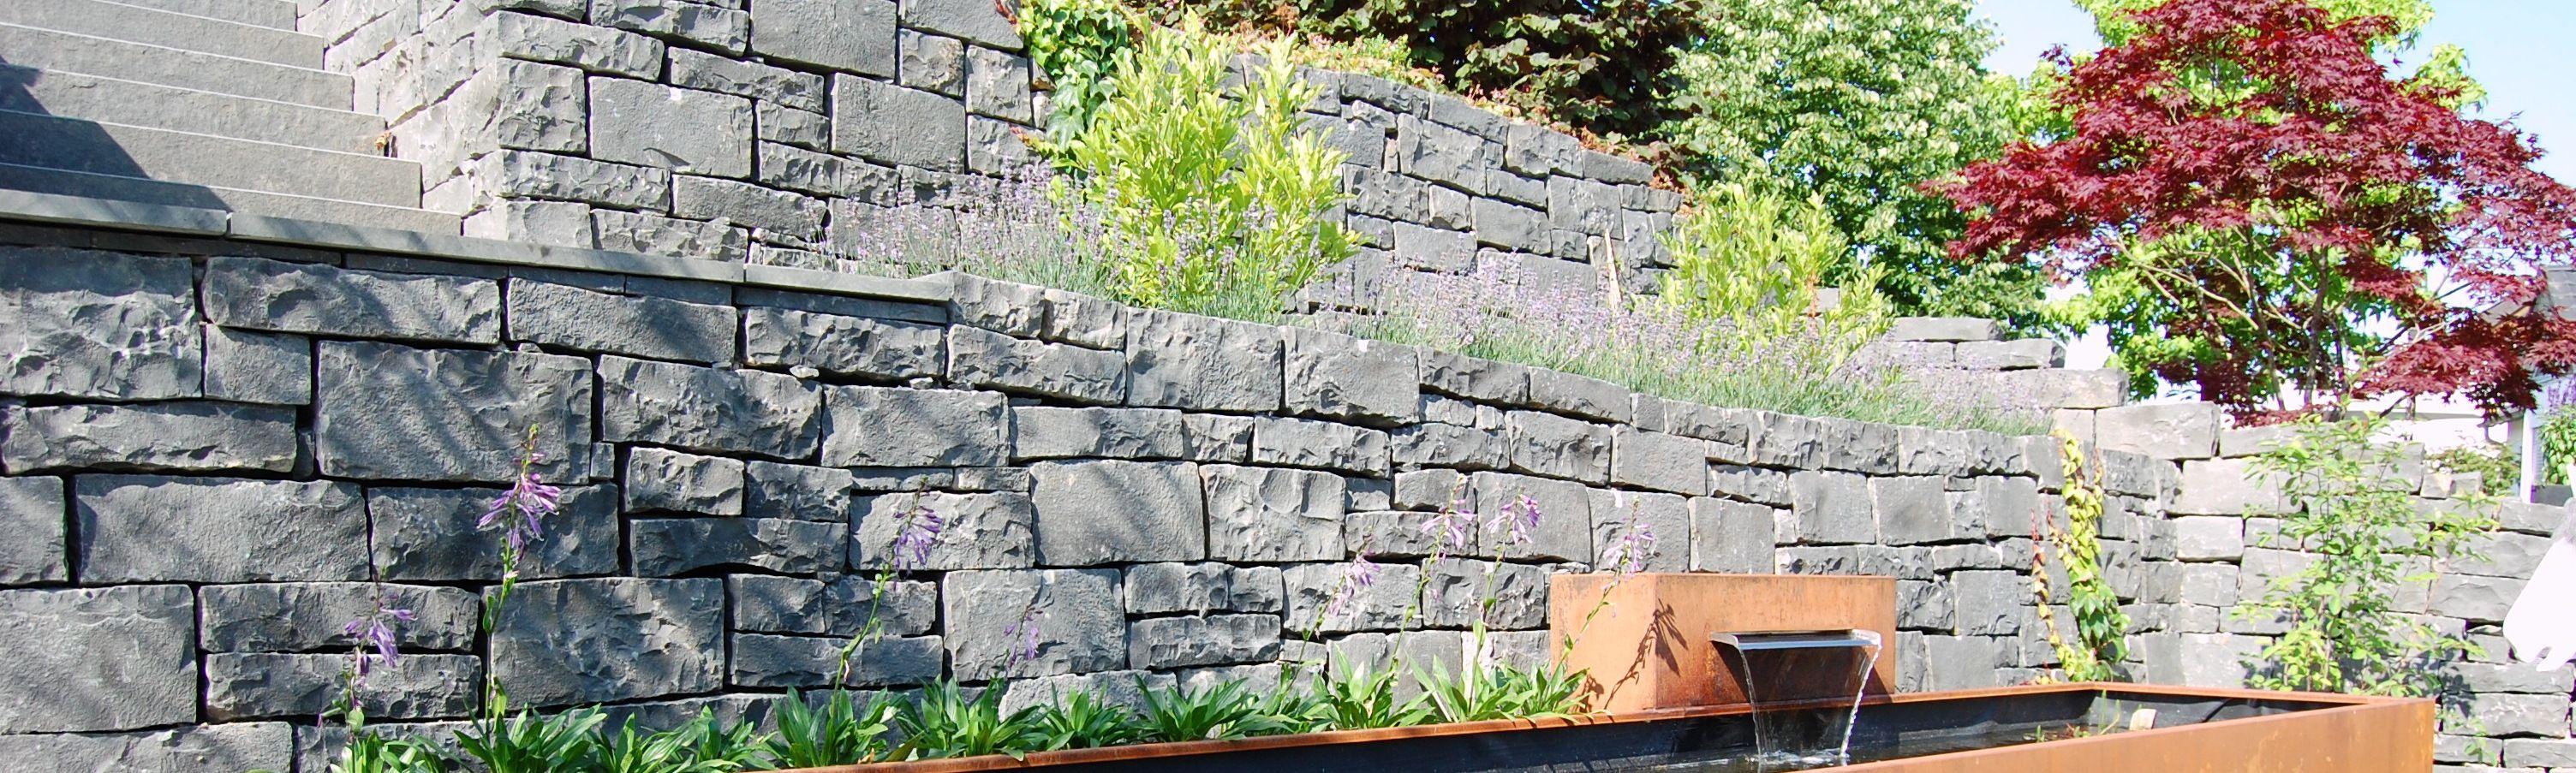 Garten Terrasse Außengestaltung Mauer Trockenmauer